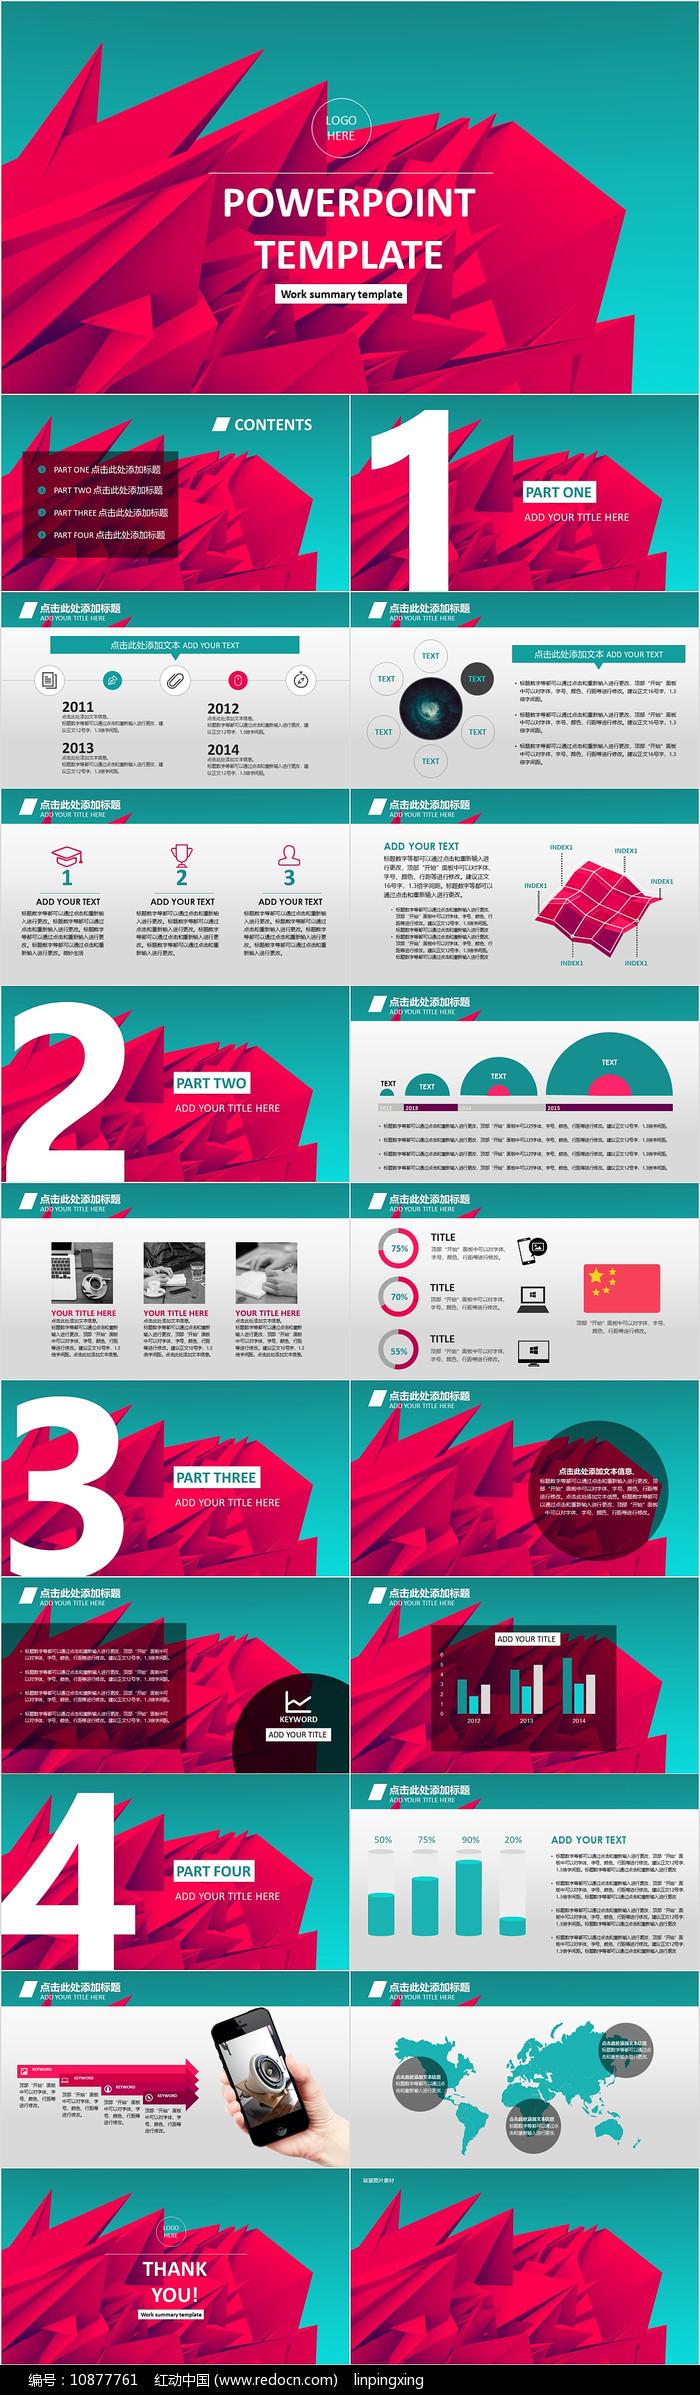 粉红色多边形欧美风格公司宣传商务PPT图片